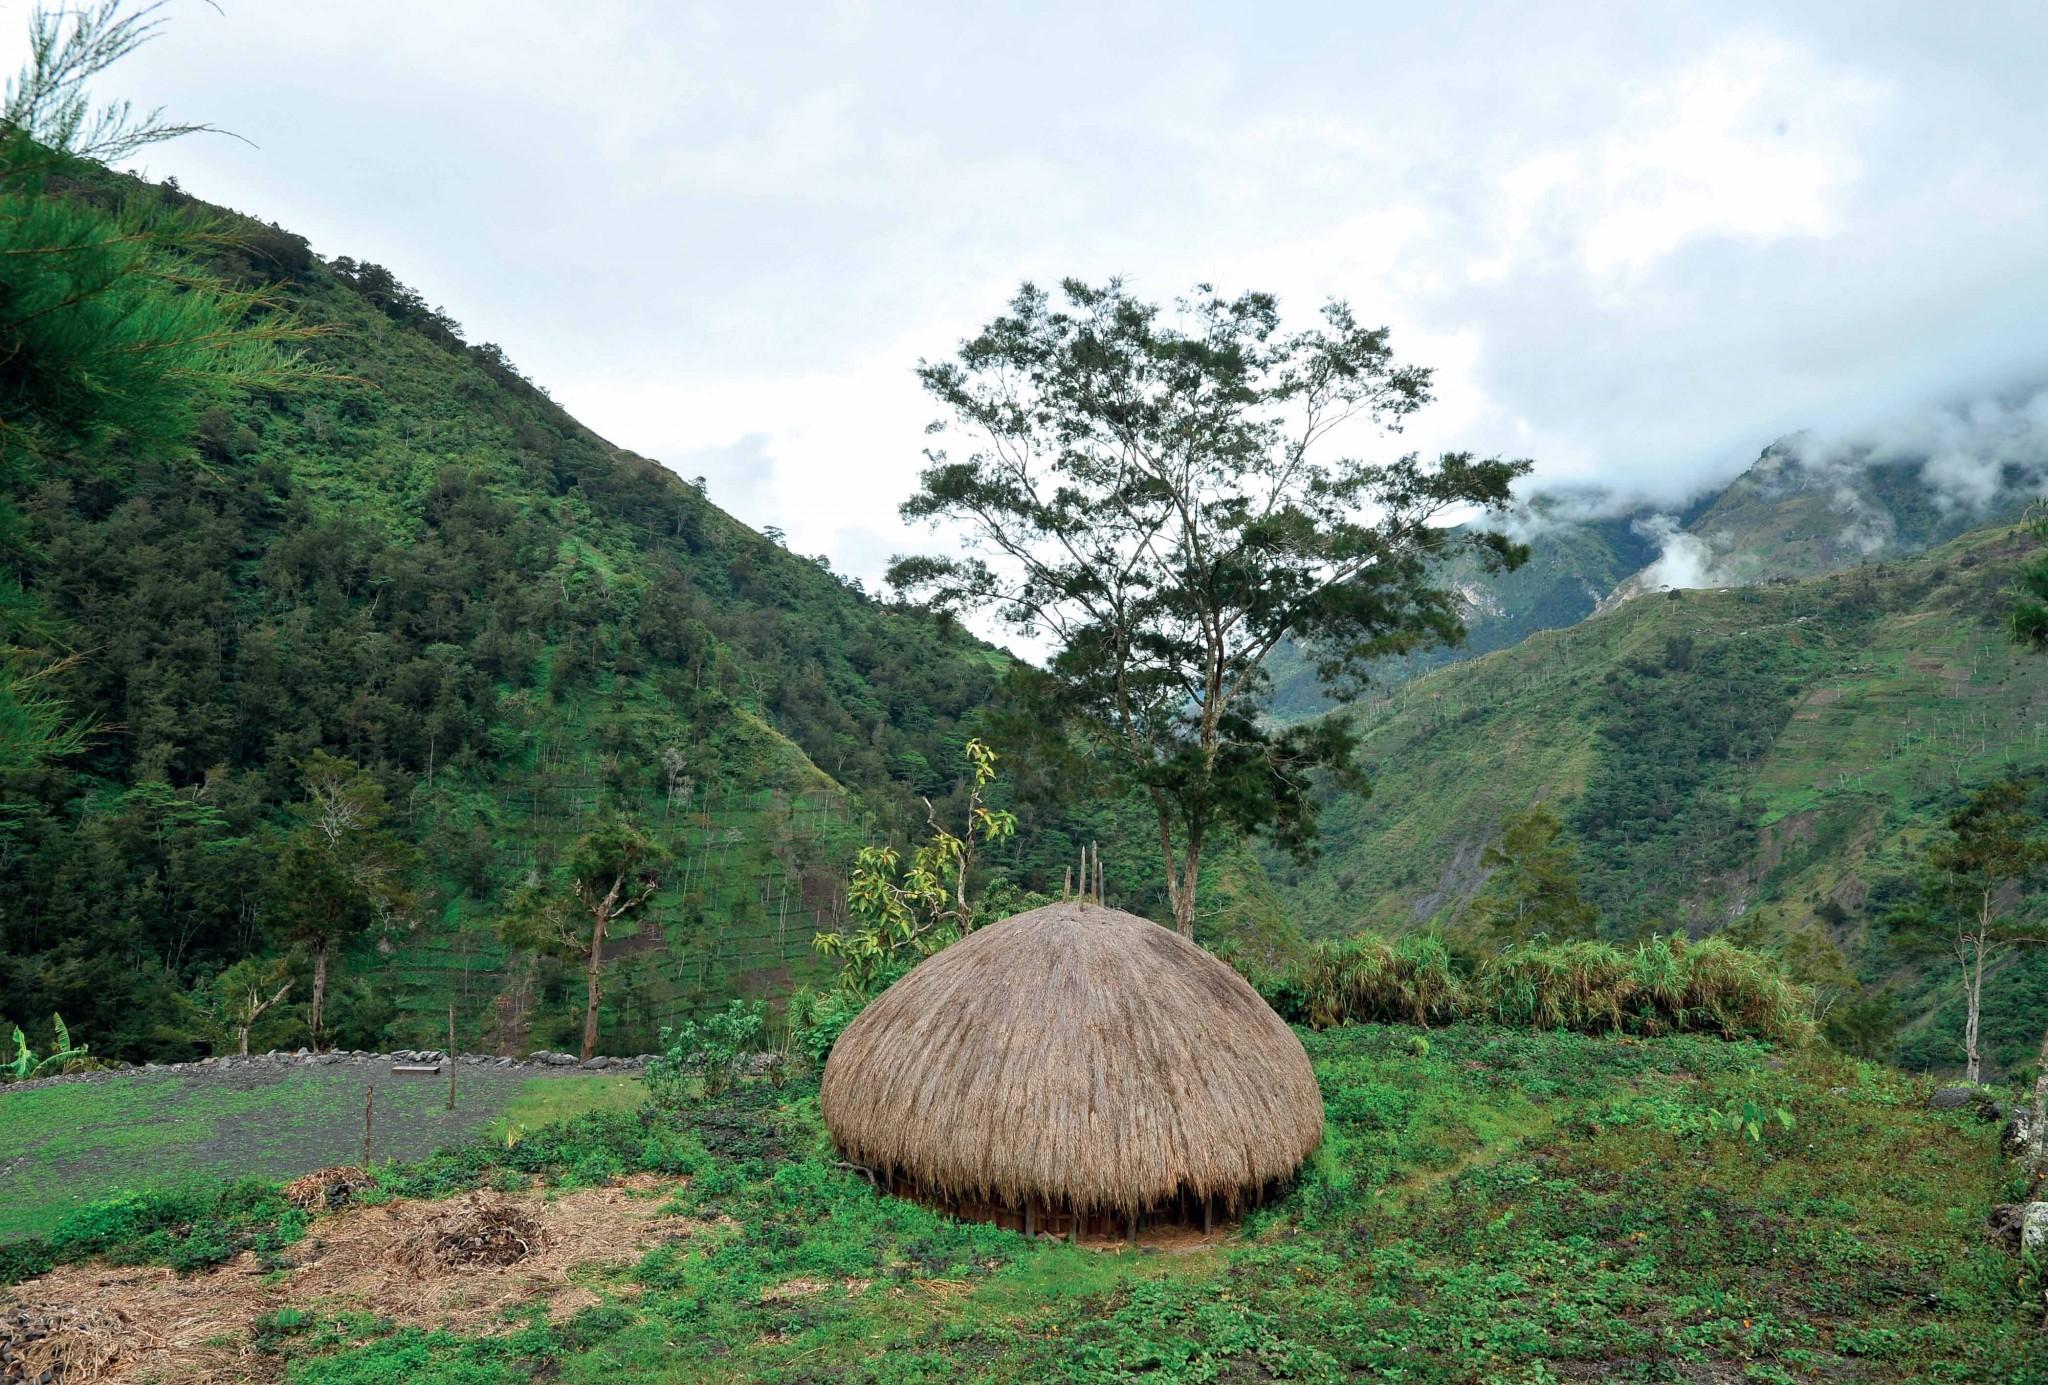 ngôi nhà Honai như cây nấm rơm giữa núi rừng.